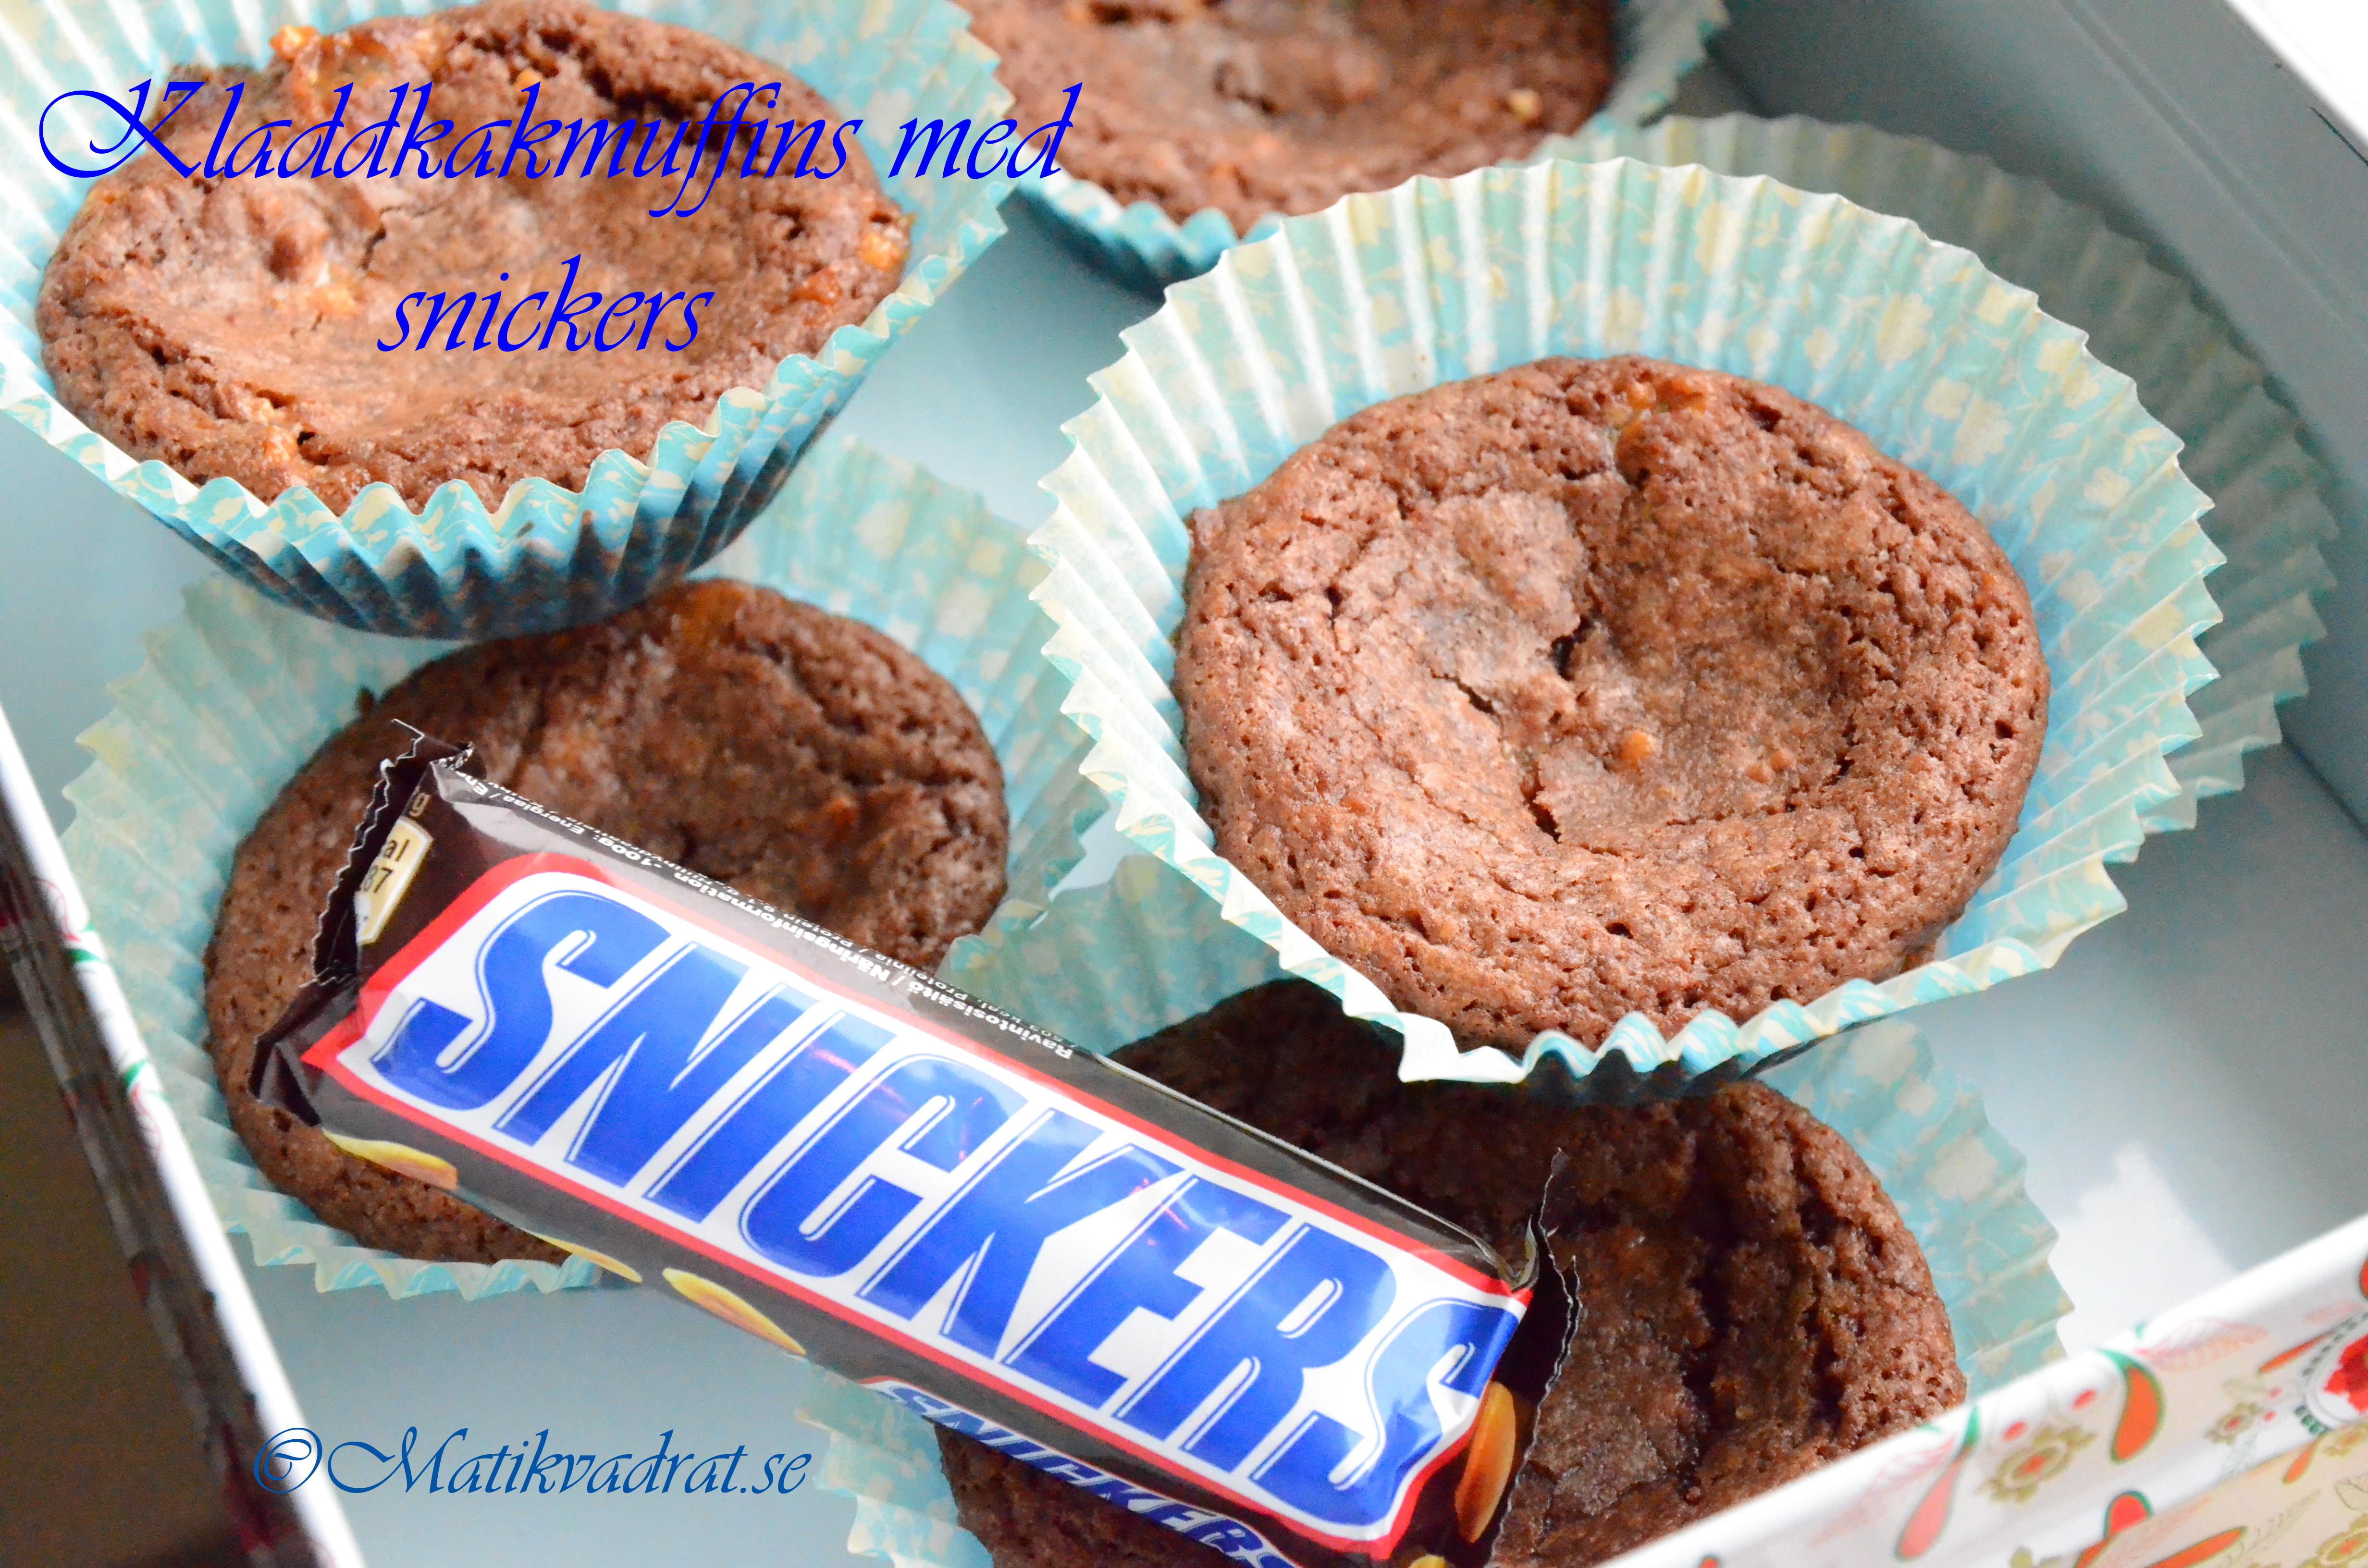 baka med snickers